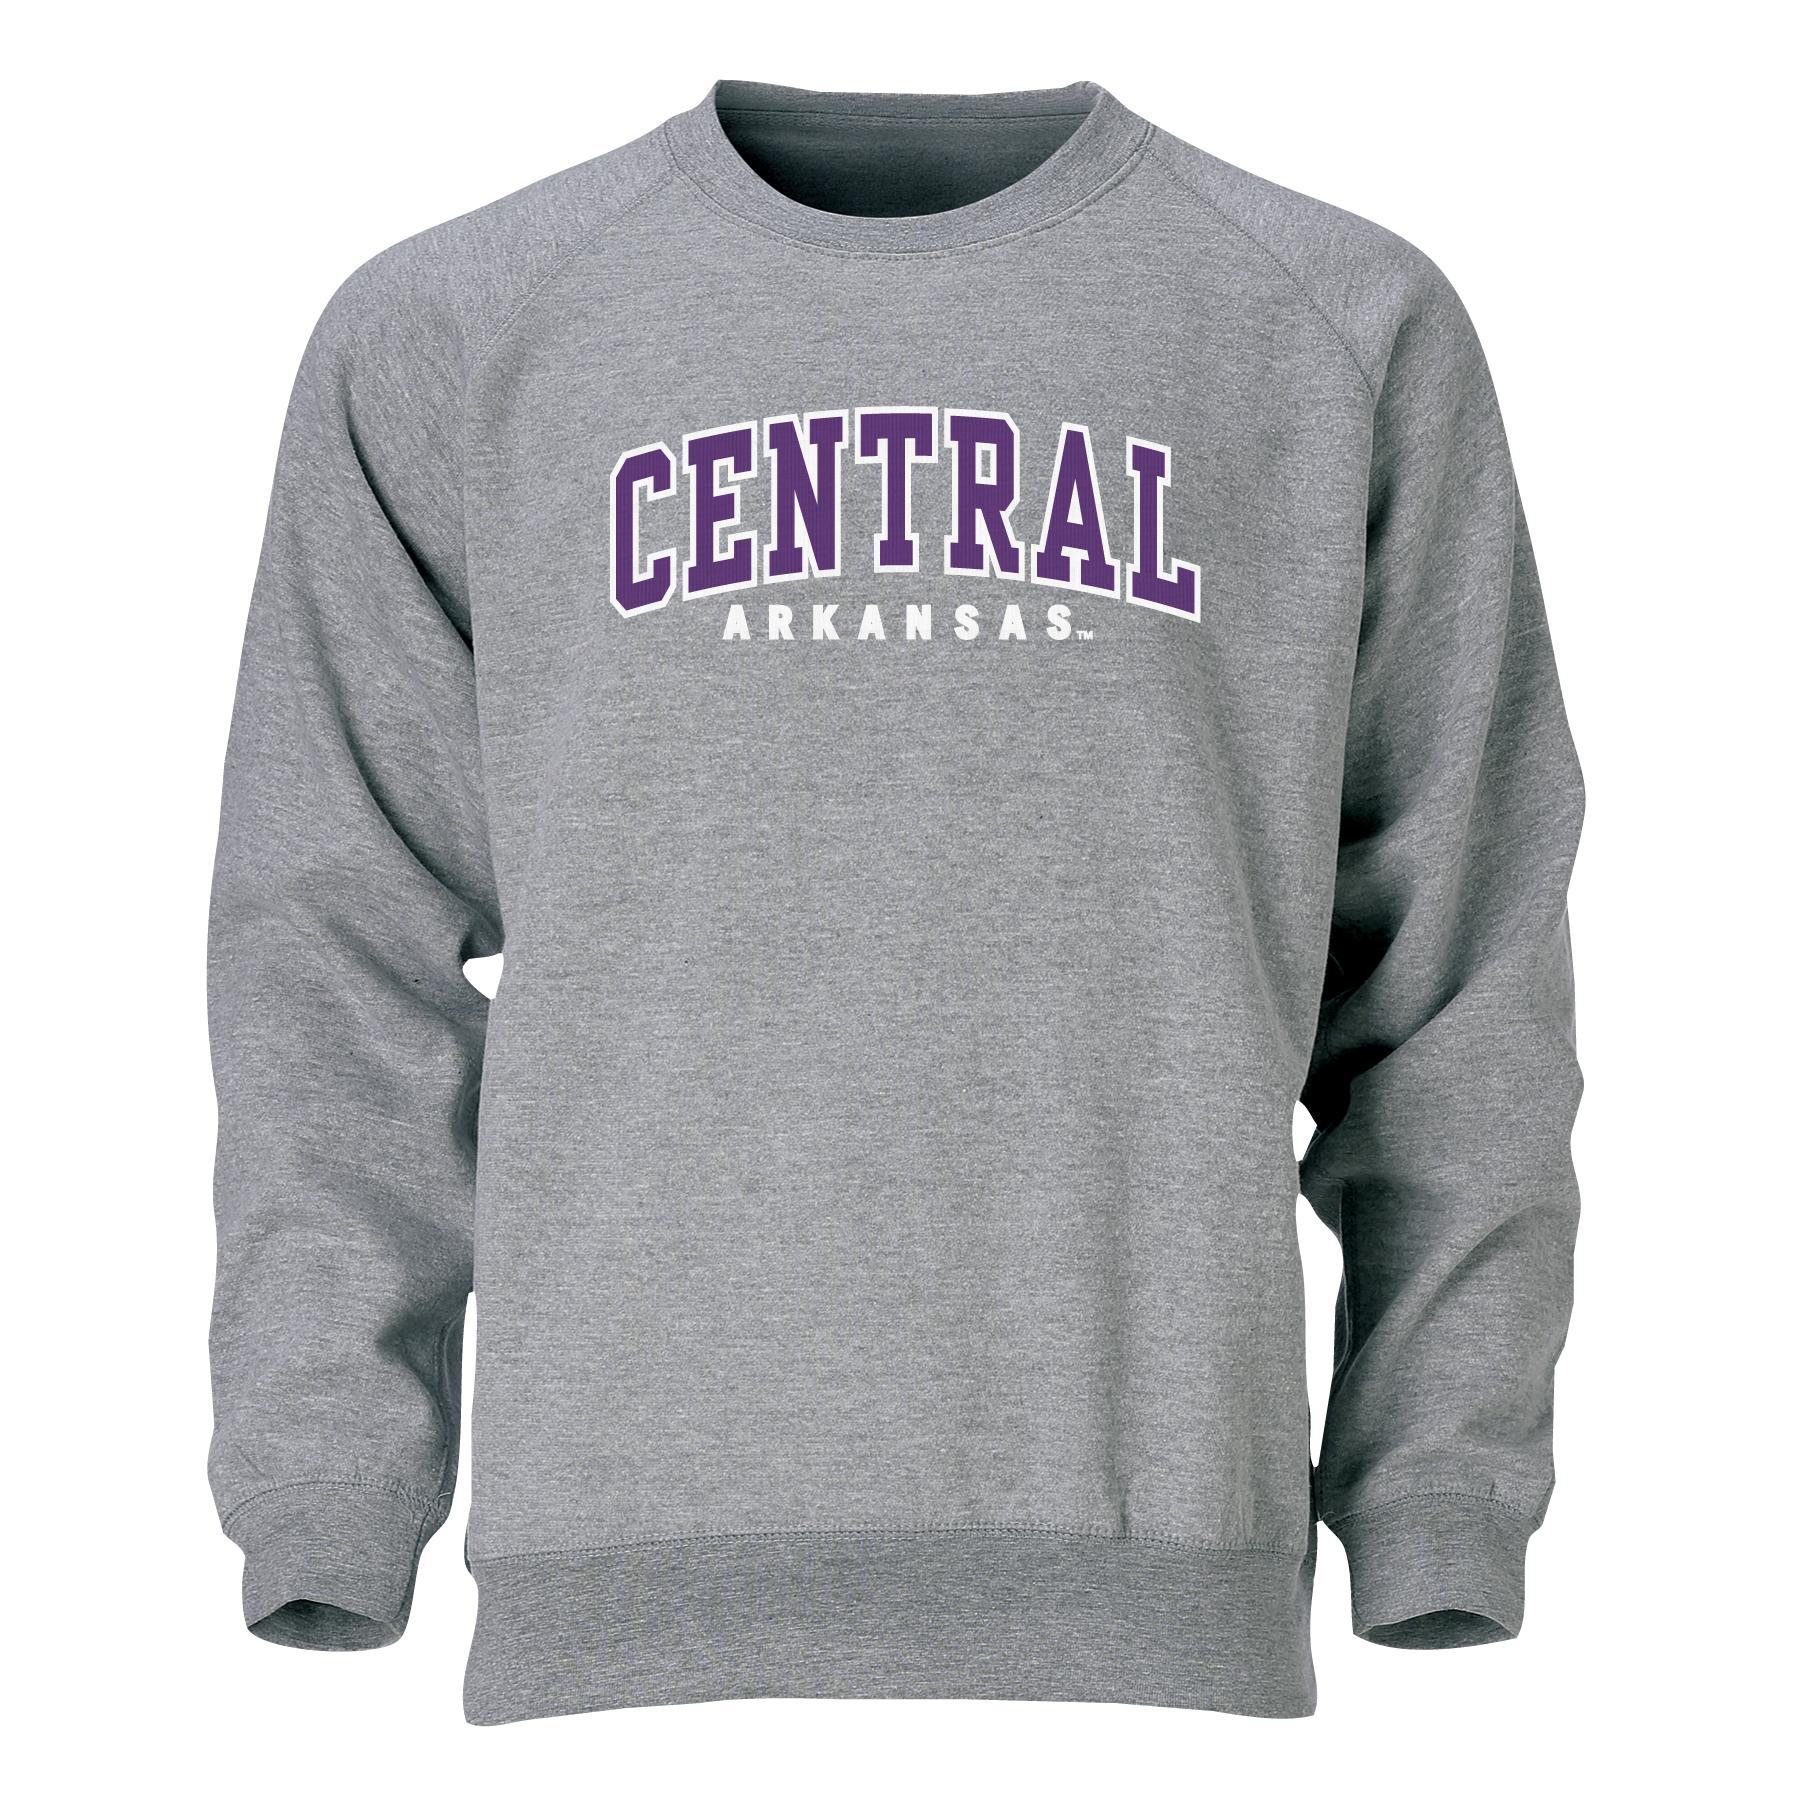 Central Arkansas Crew